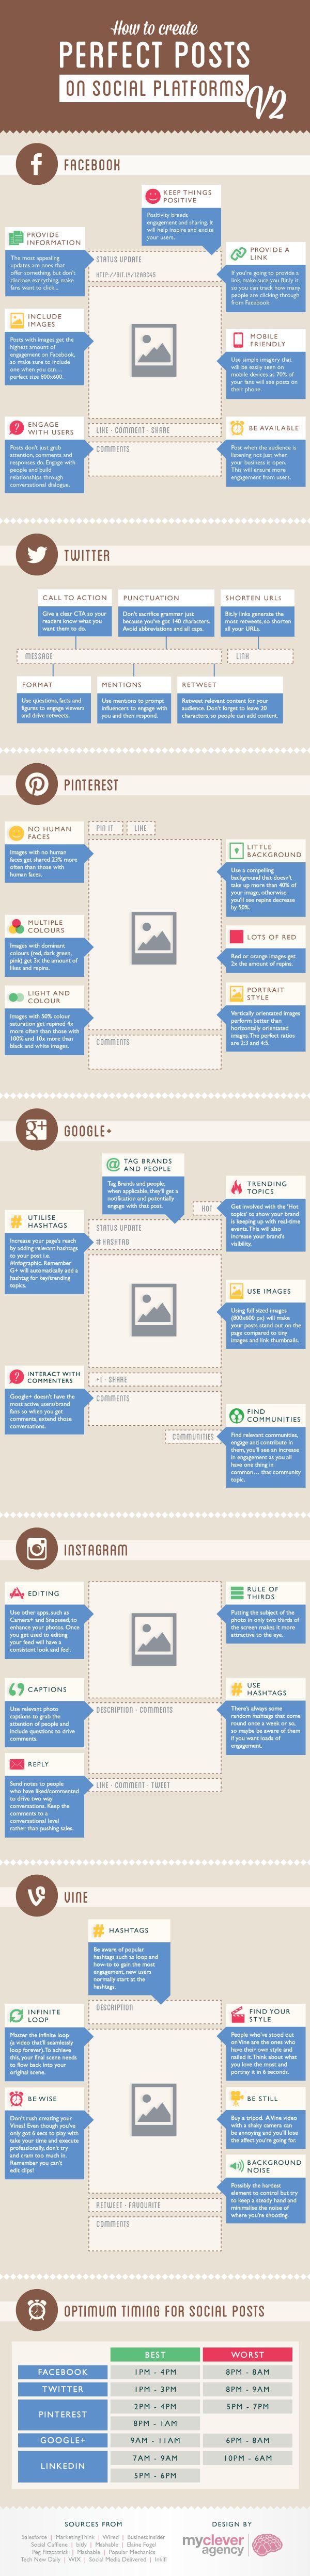 Cách đăng bài trên mạng xã hội hiệu quả?